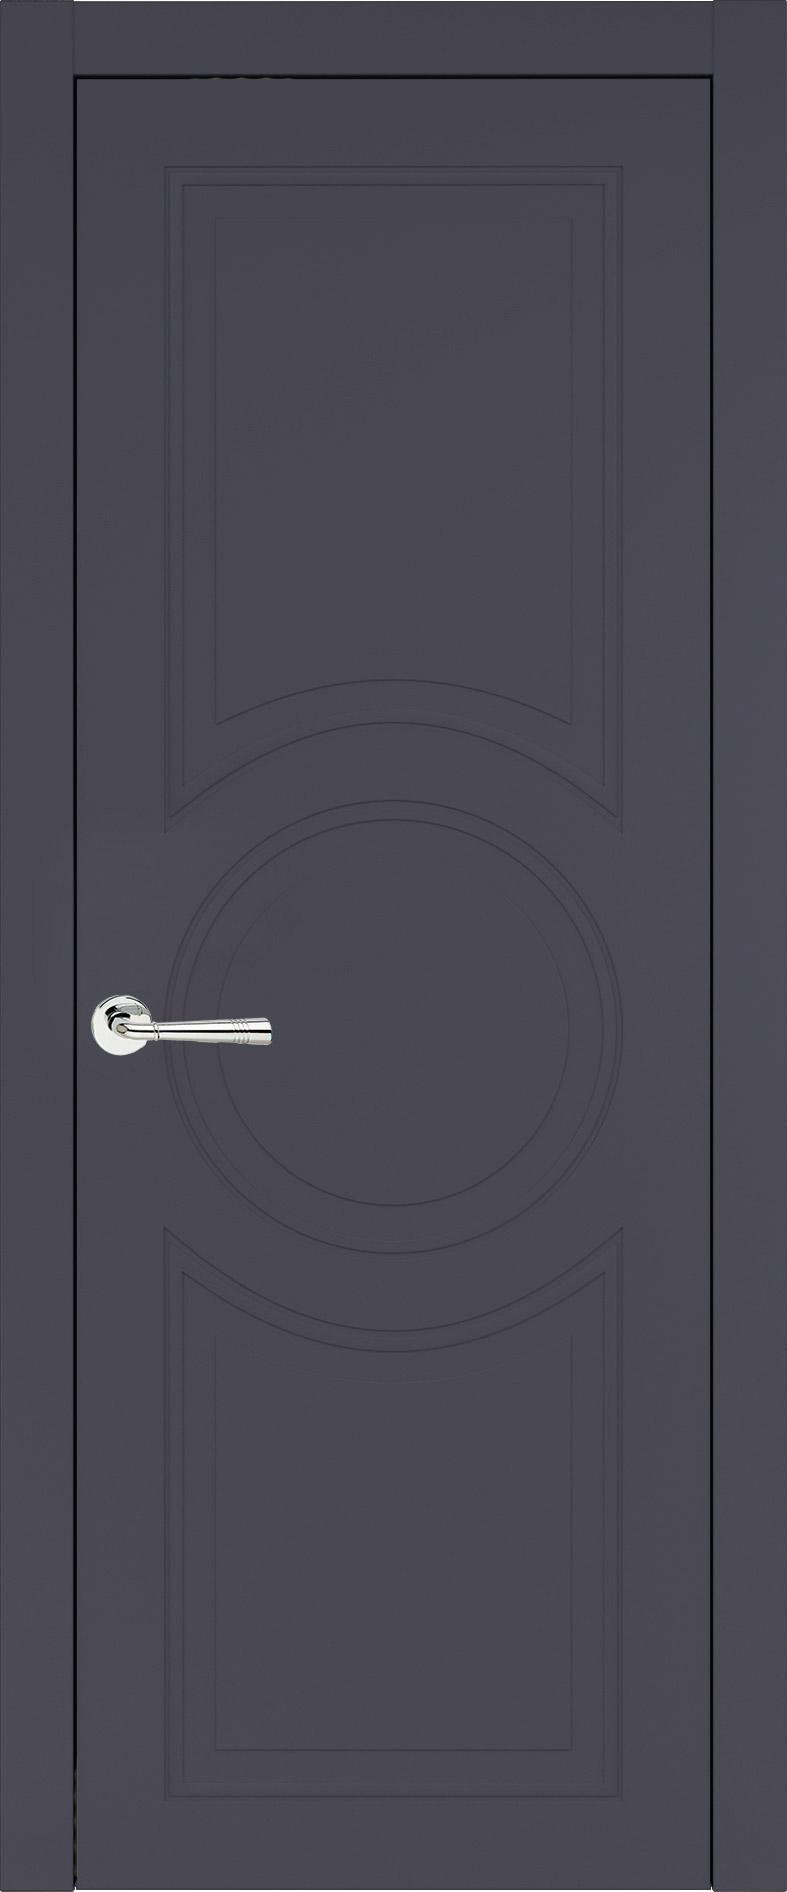 Ravenna Neo Classic цвет - Графитово-серая эмаль (RAL 7024) Без стекла (ДГ)